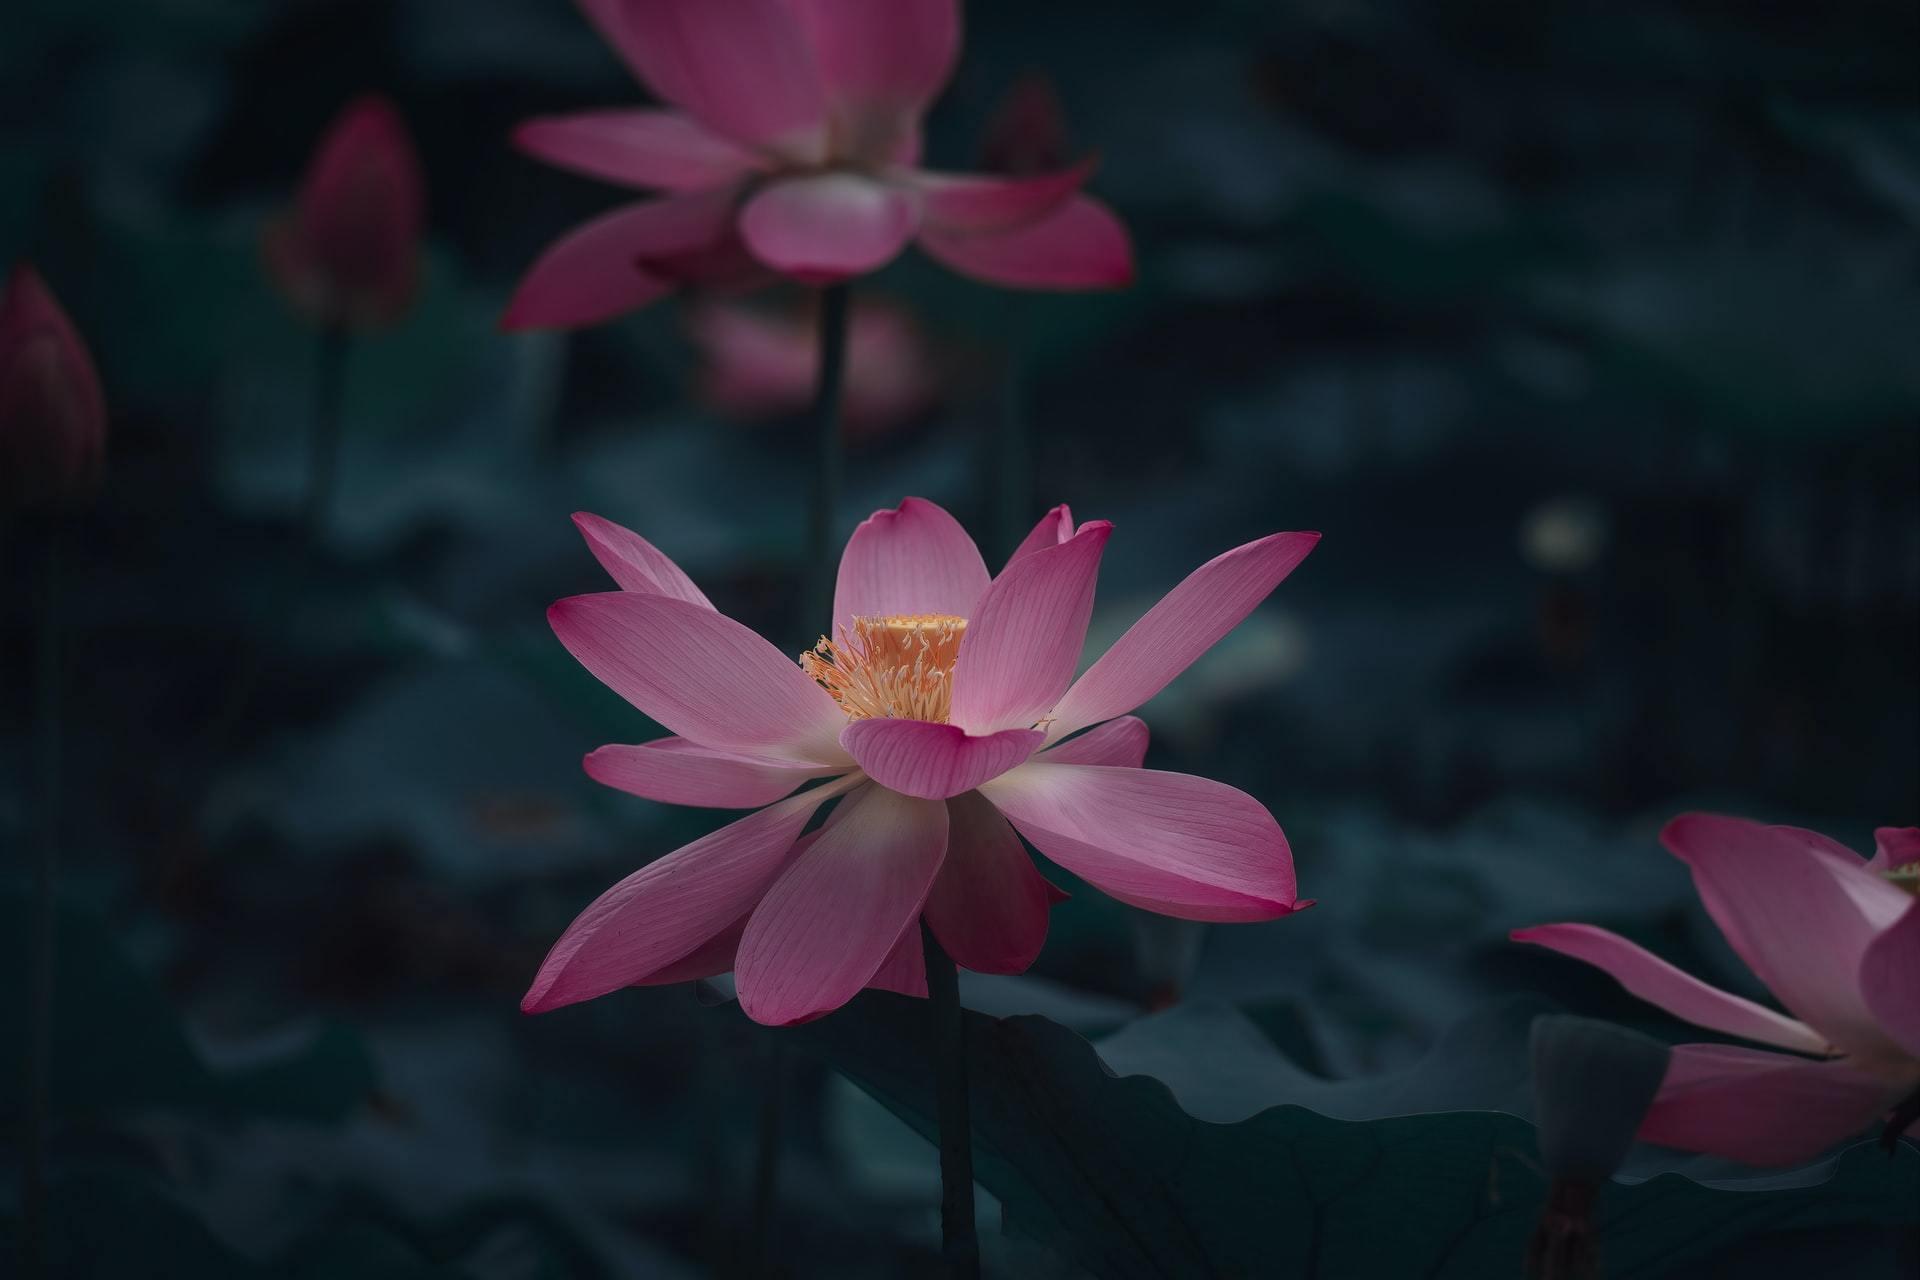 花开正艳的湖中睡莲